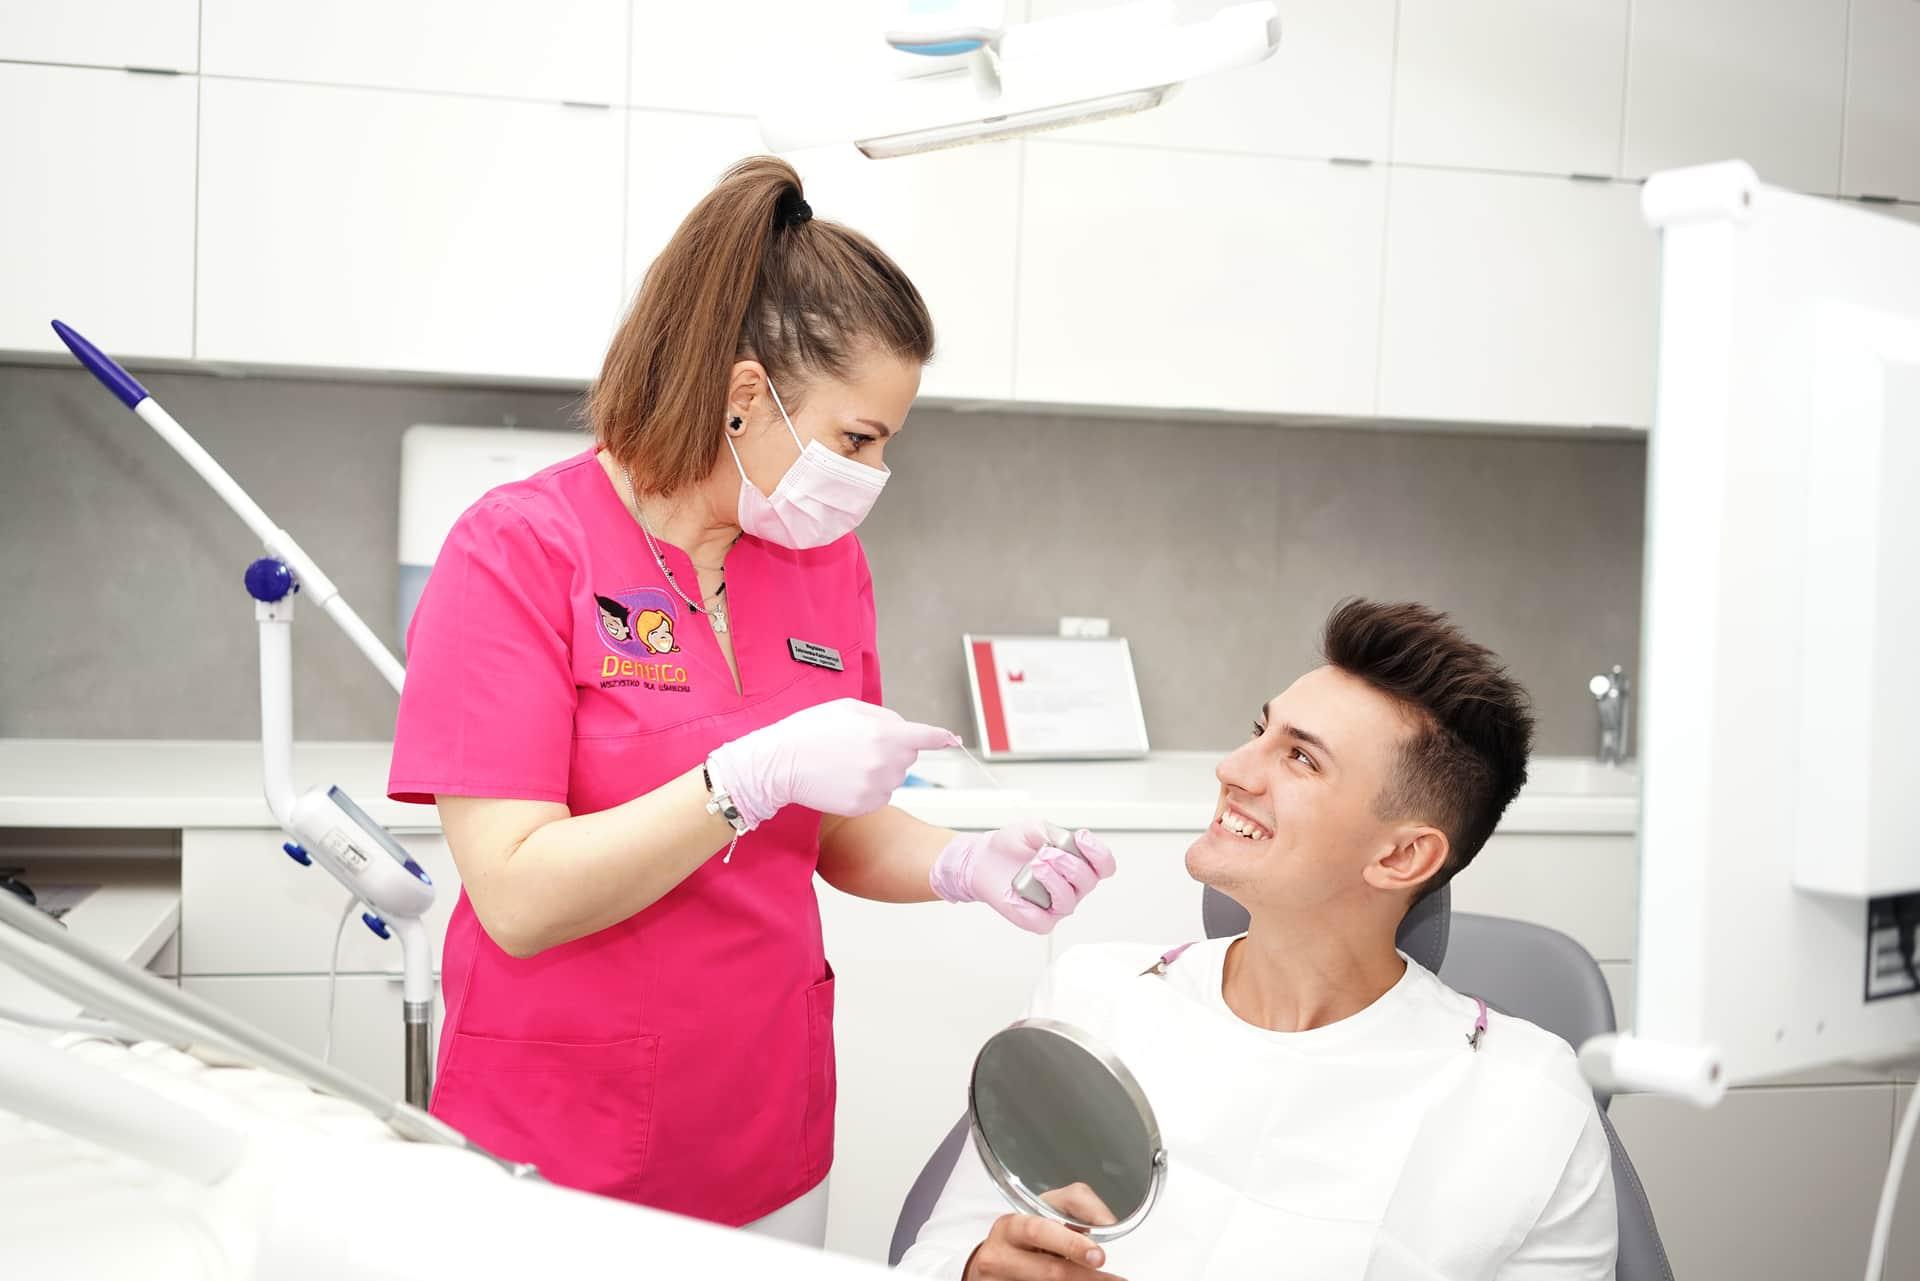 Usuwanie przebarwień na zębach innowacyjną metodą ICON Higienizacja Dentico Gdańsk gotdsc01461 6